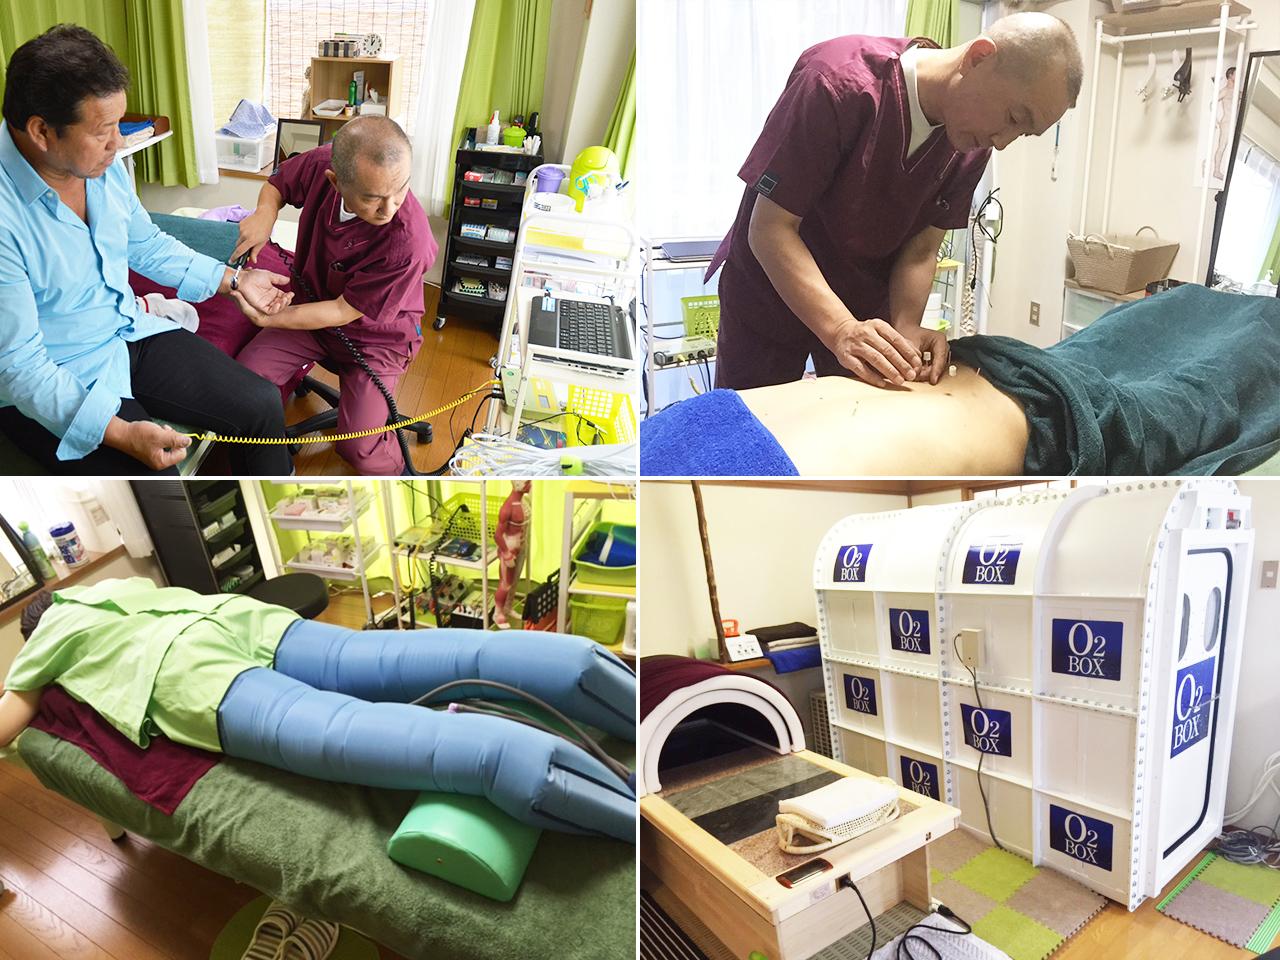 ユナイテッド治療院 治療院方法&設備